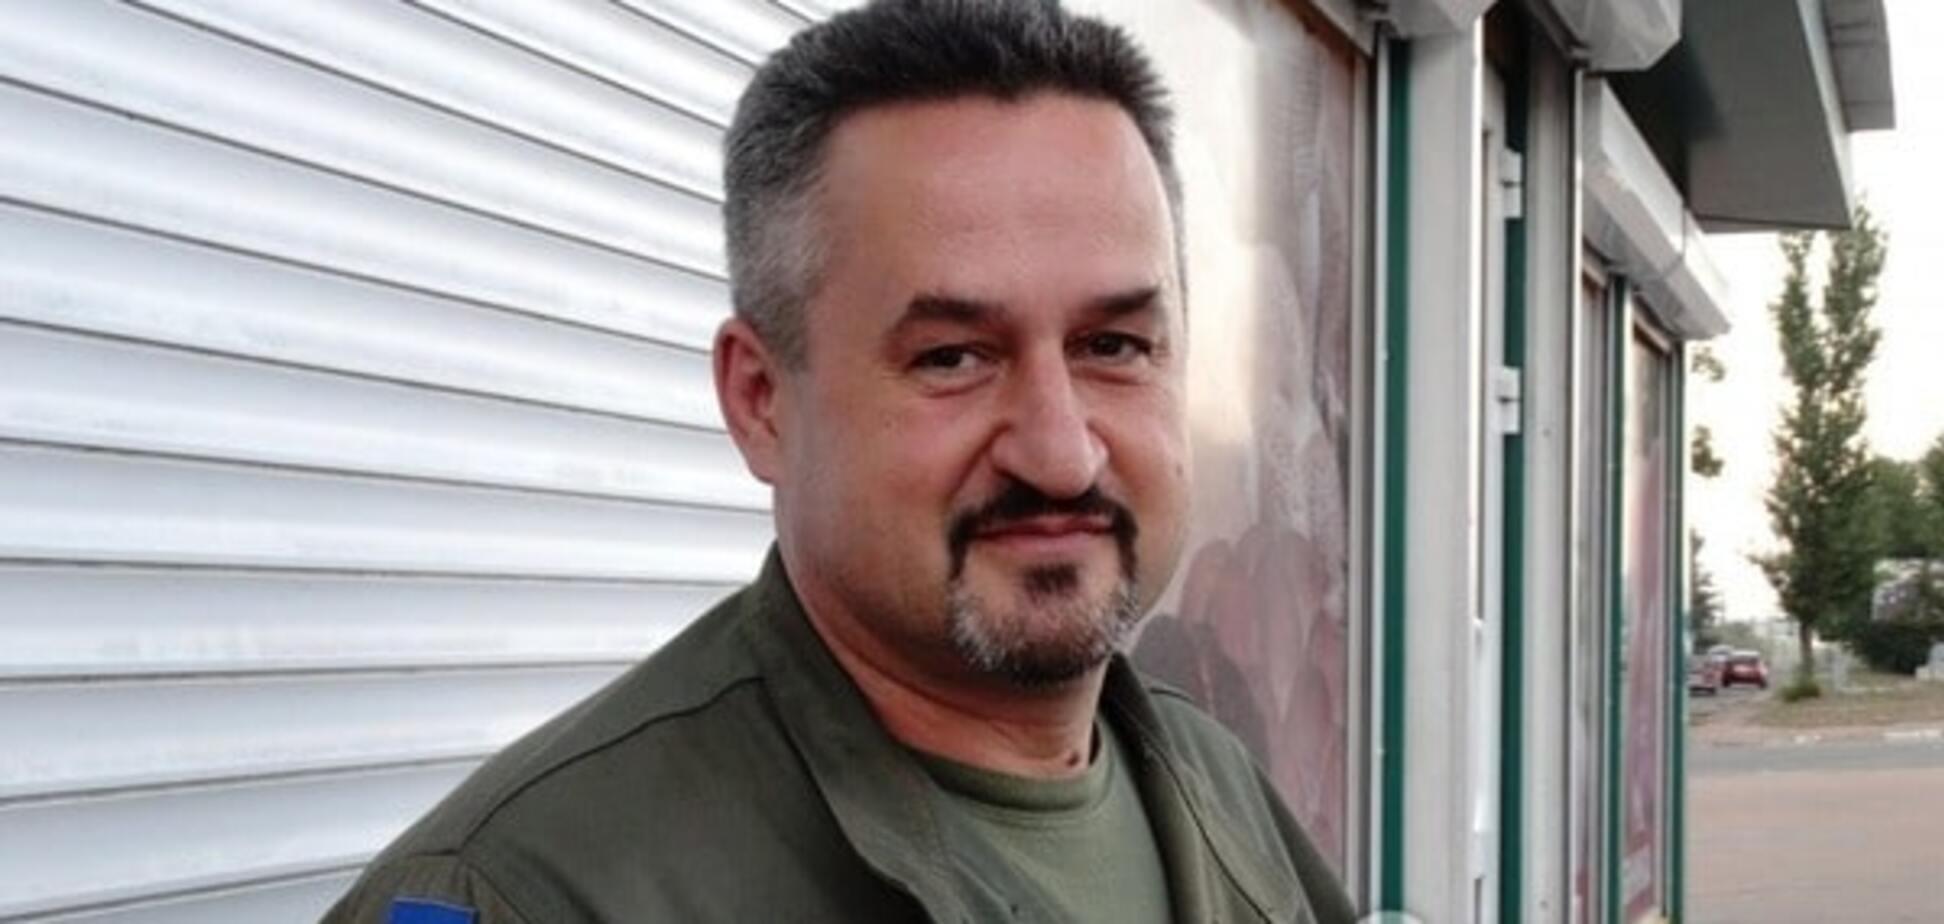 Ловля на живця: екс-заступник командира 'Донбасу' розповів про спробу вербування російськими спецслужбами